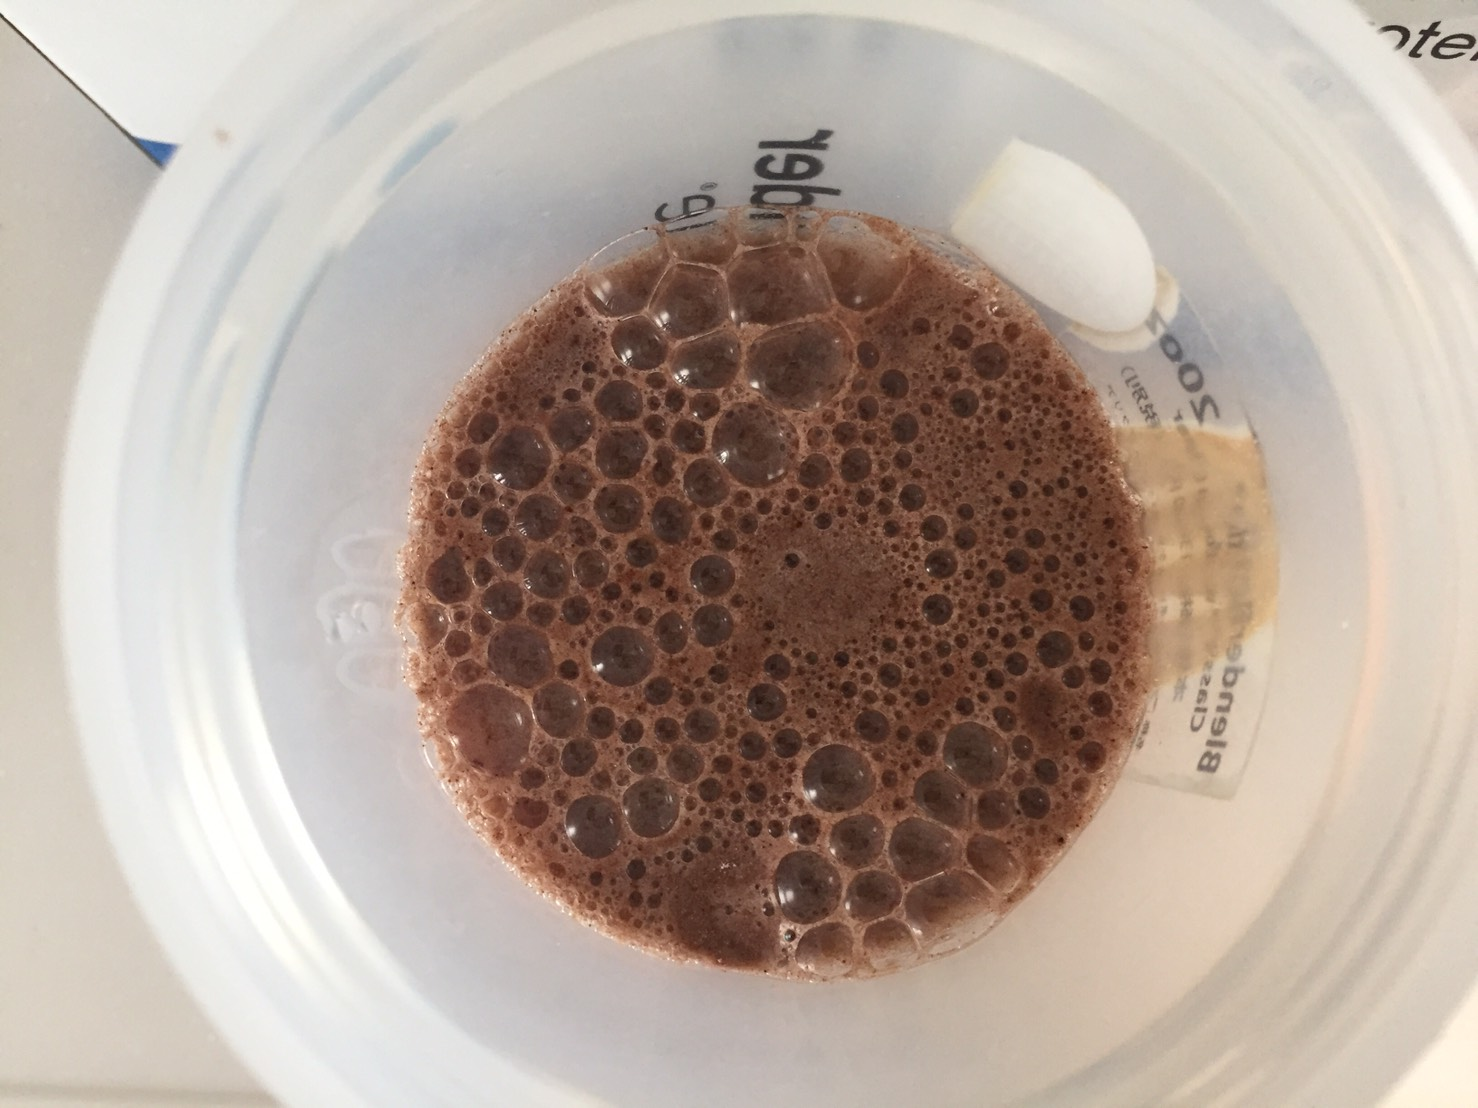 Chocolate Banana Flavour(チョコレートバナナ味)に水を注いだ様子